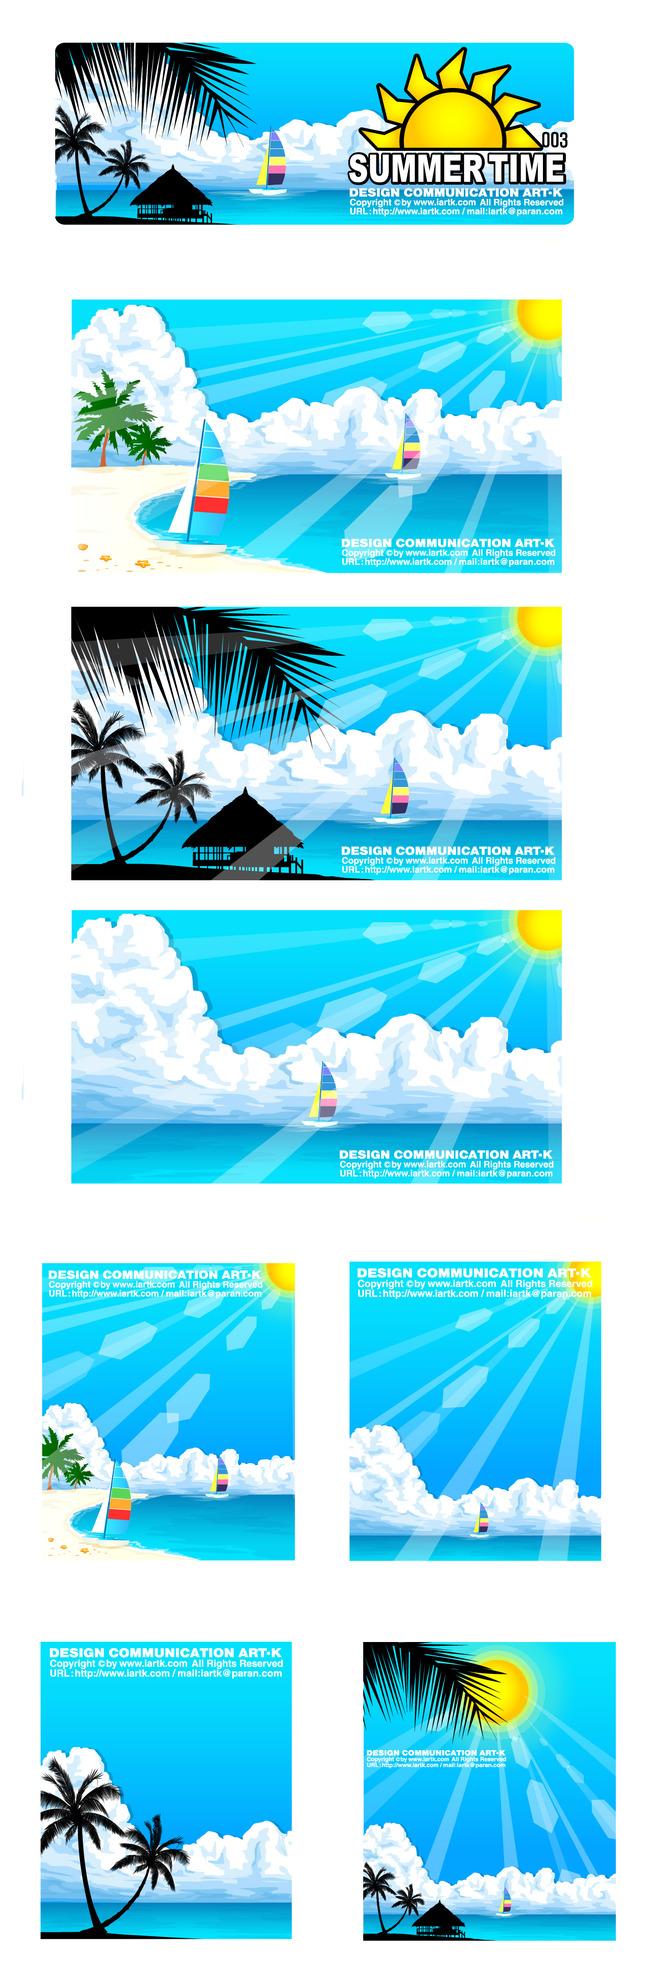 小清新蓝色海边风景卡通矢量图-卡通形象-插画|元素